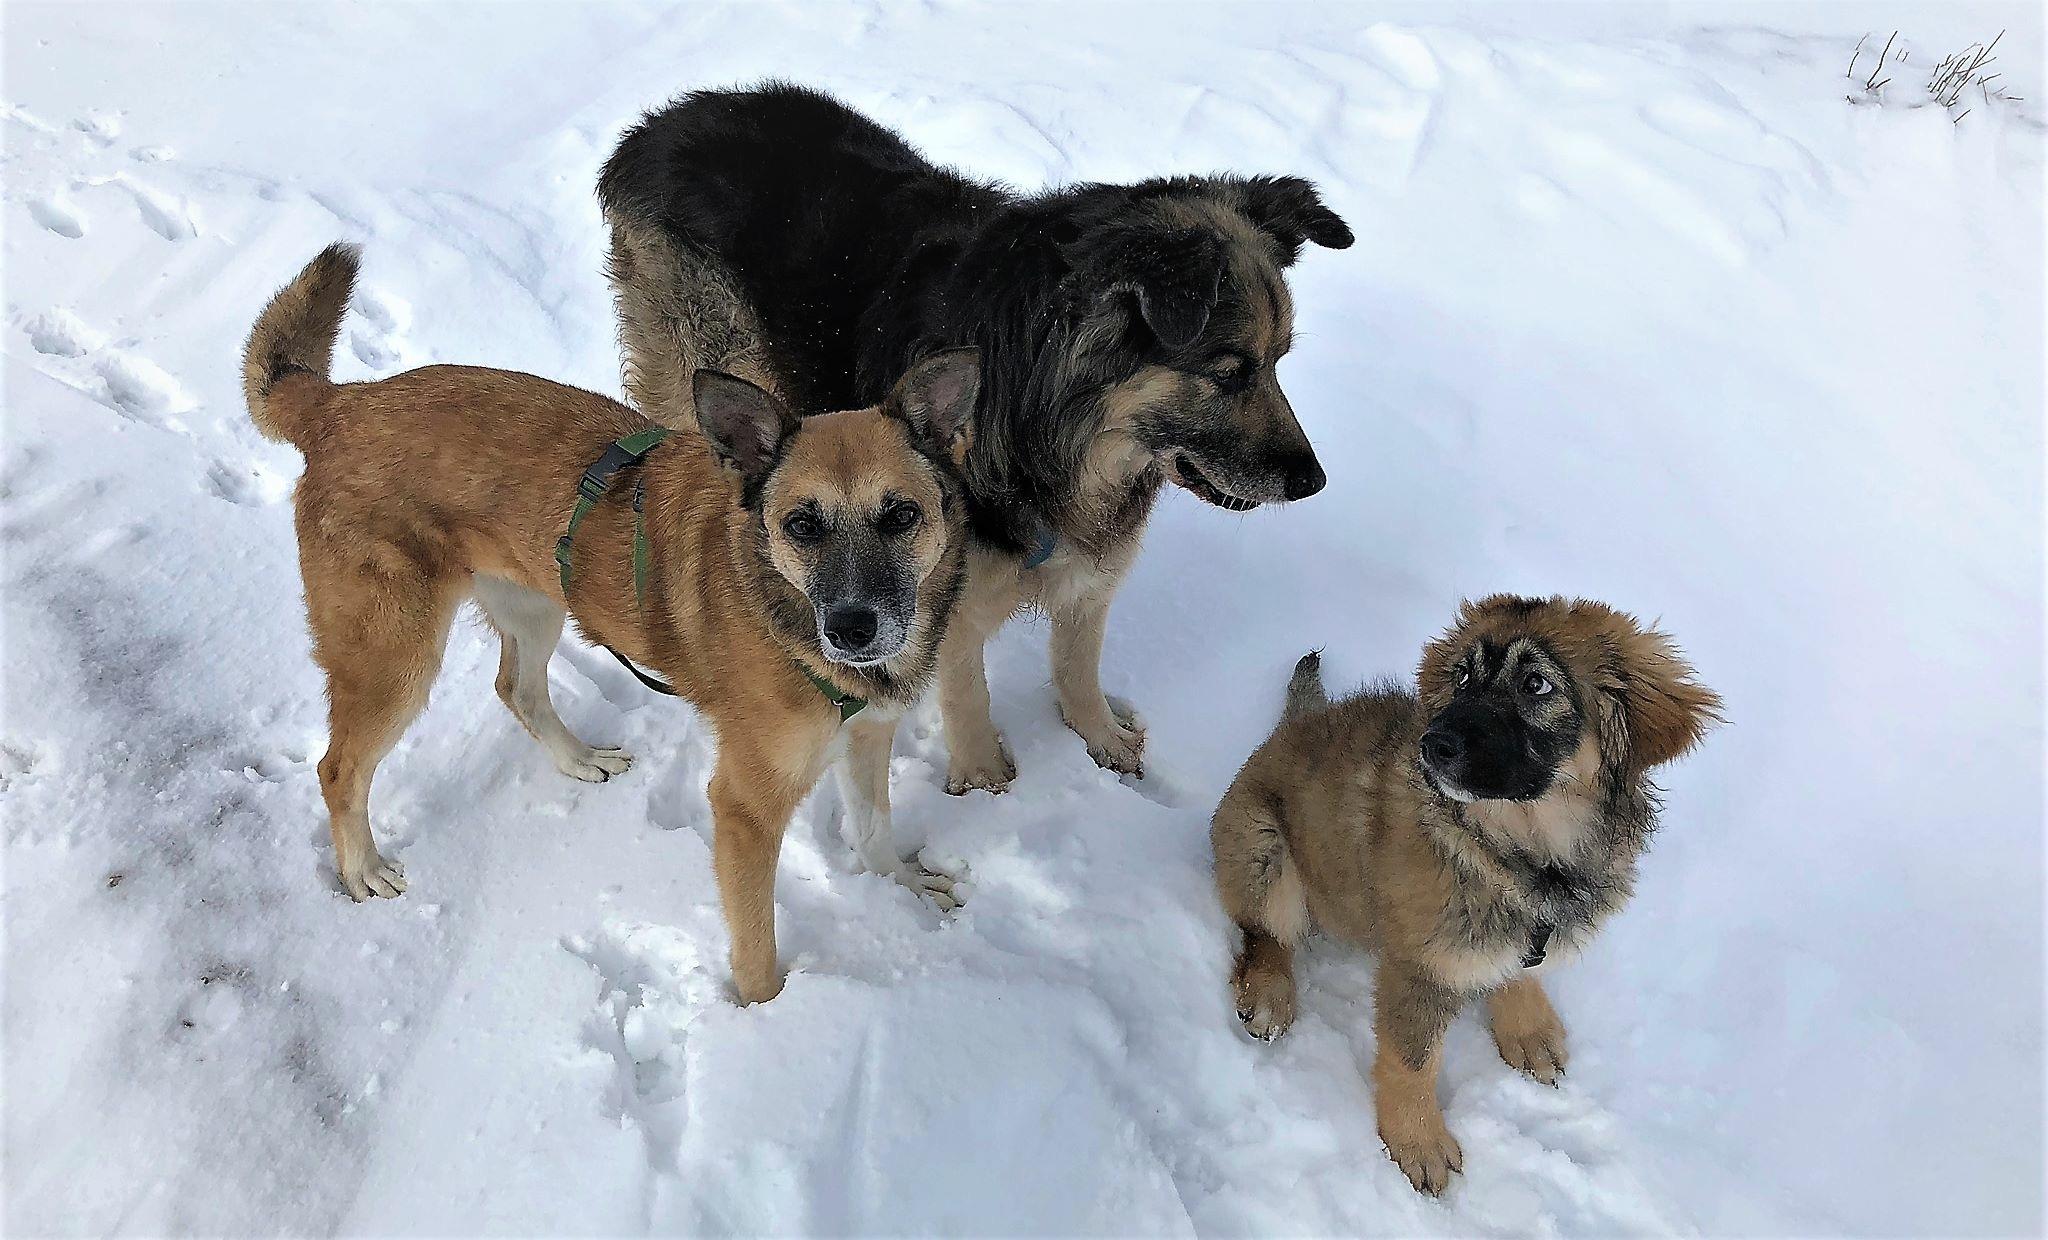 I tre cani sulla neve